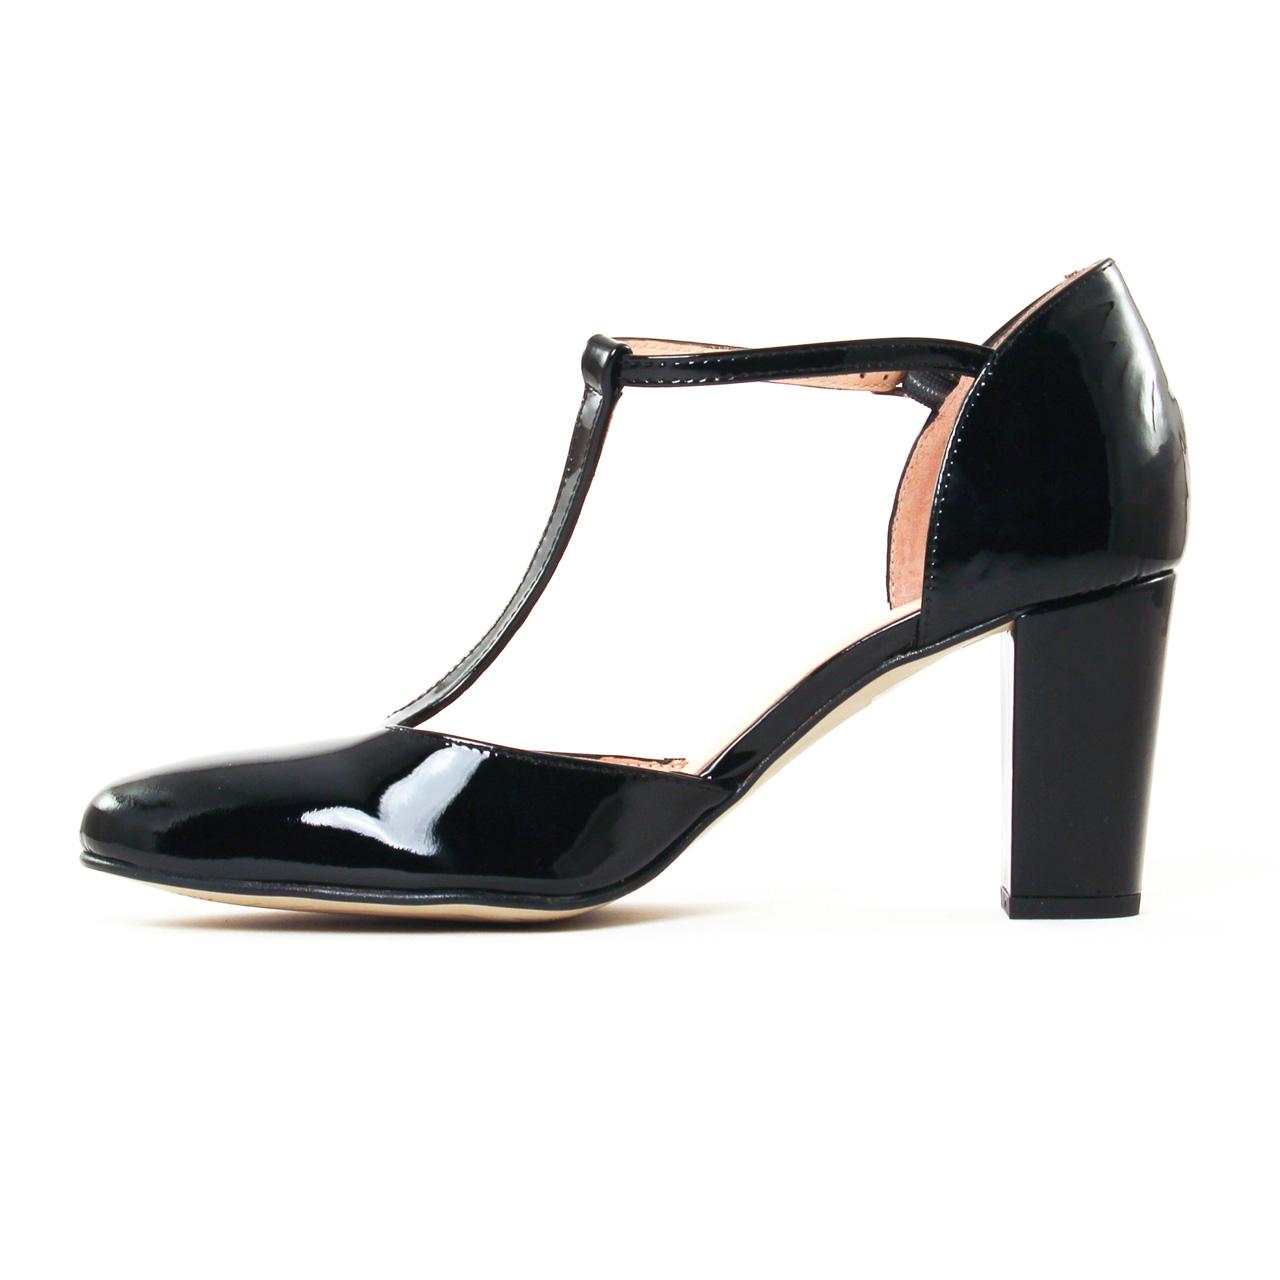 Salomé noir vernis talon haut chaussures escarpins